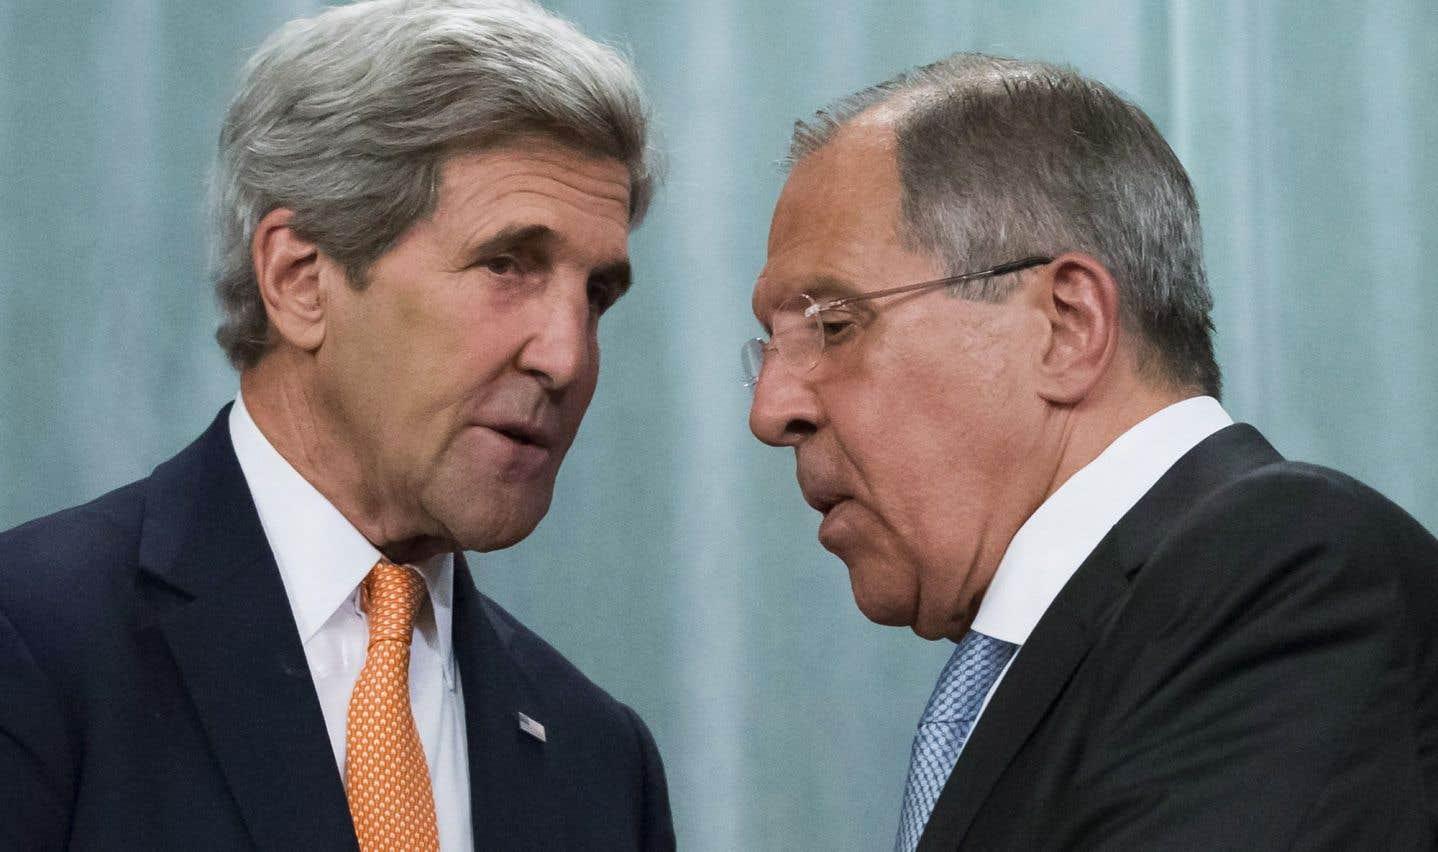 Le ministre des Affaires étrangères de Russie, Sergei Lavrov (à droite), et son homologue américain, John Kerry